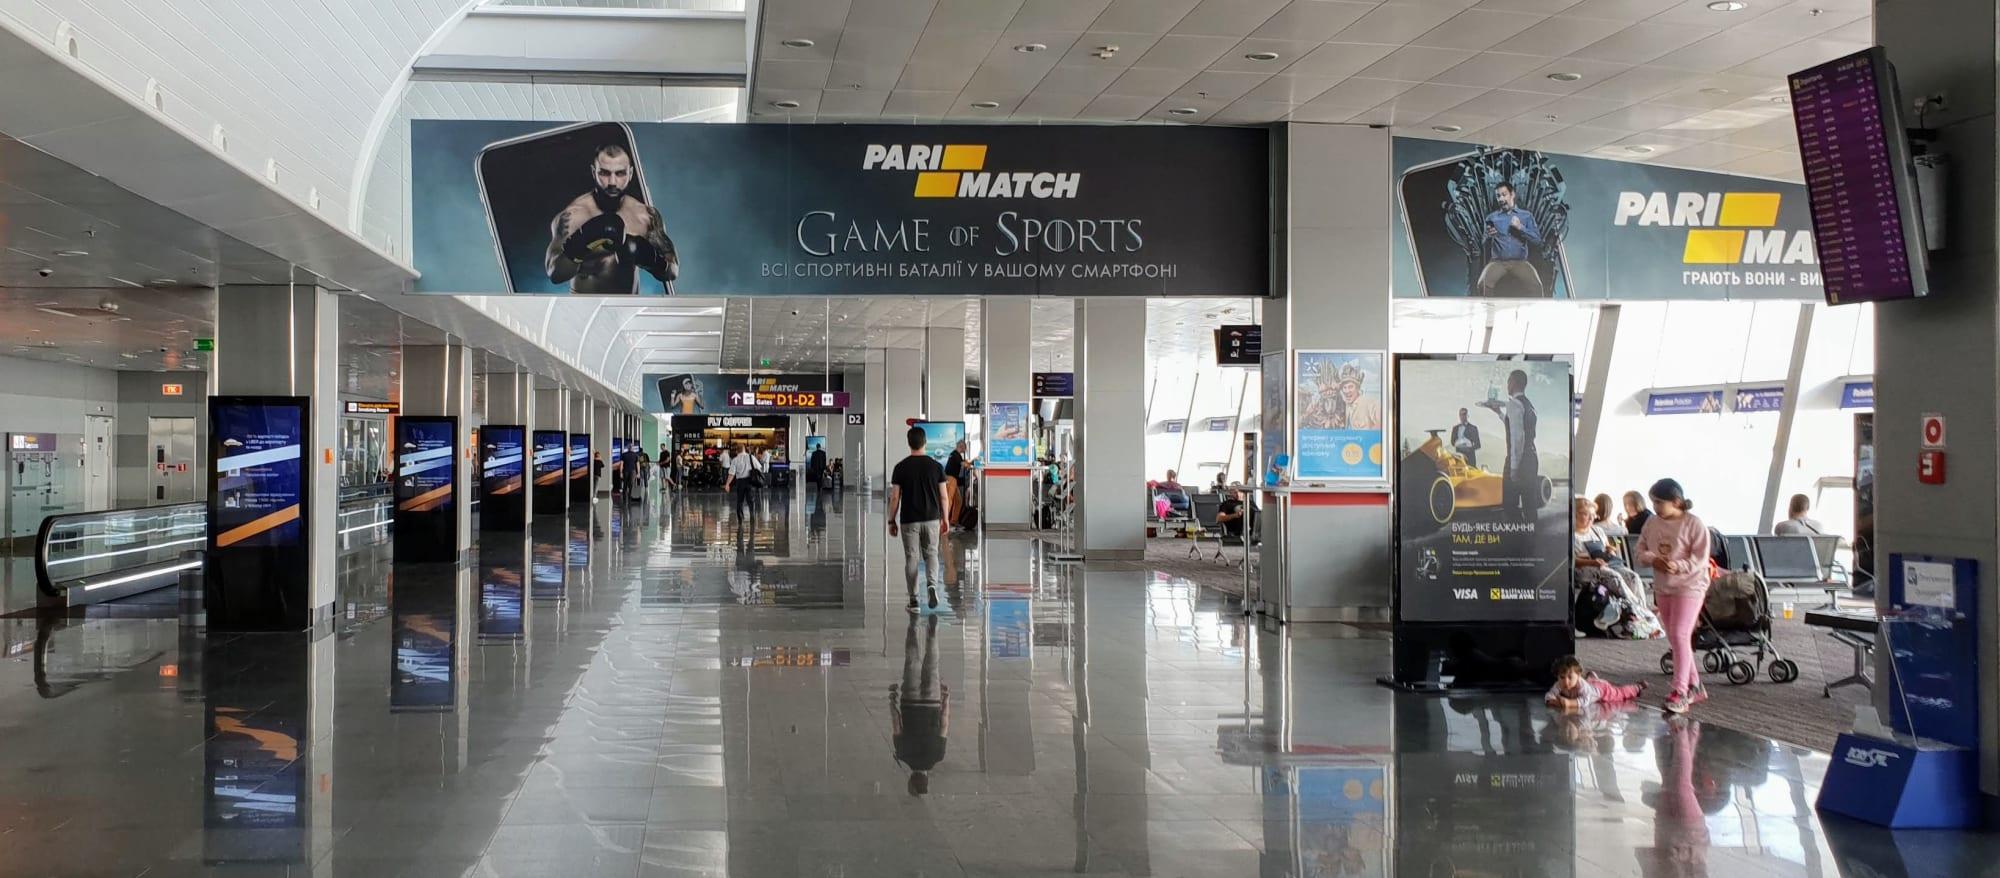 קונקשן בשדה התעופה בוריספיל בקייב